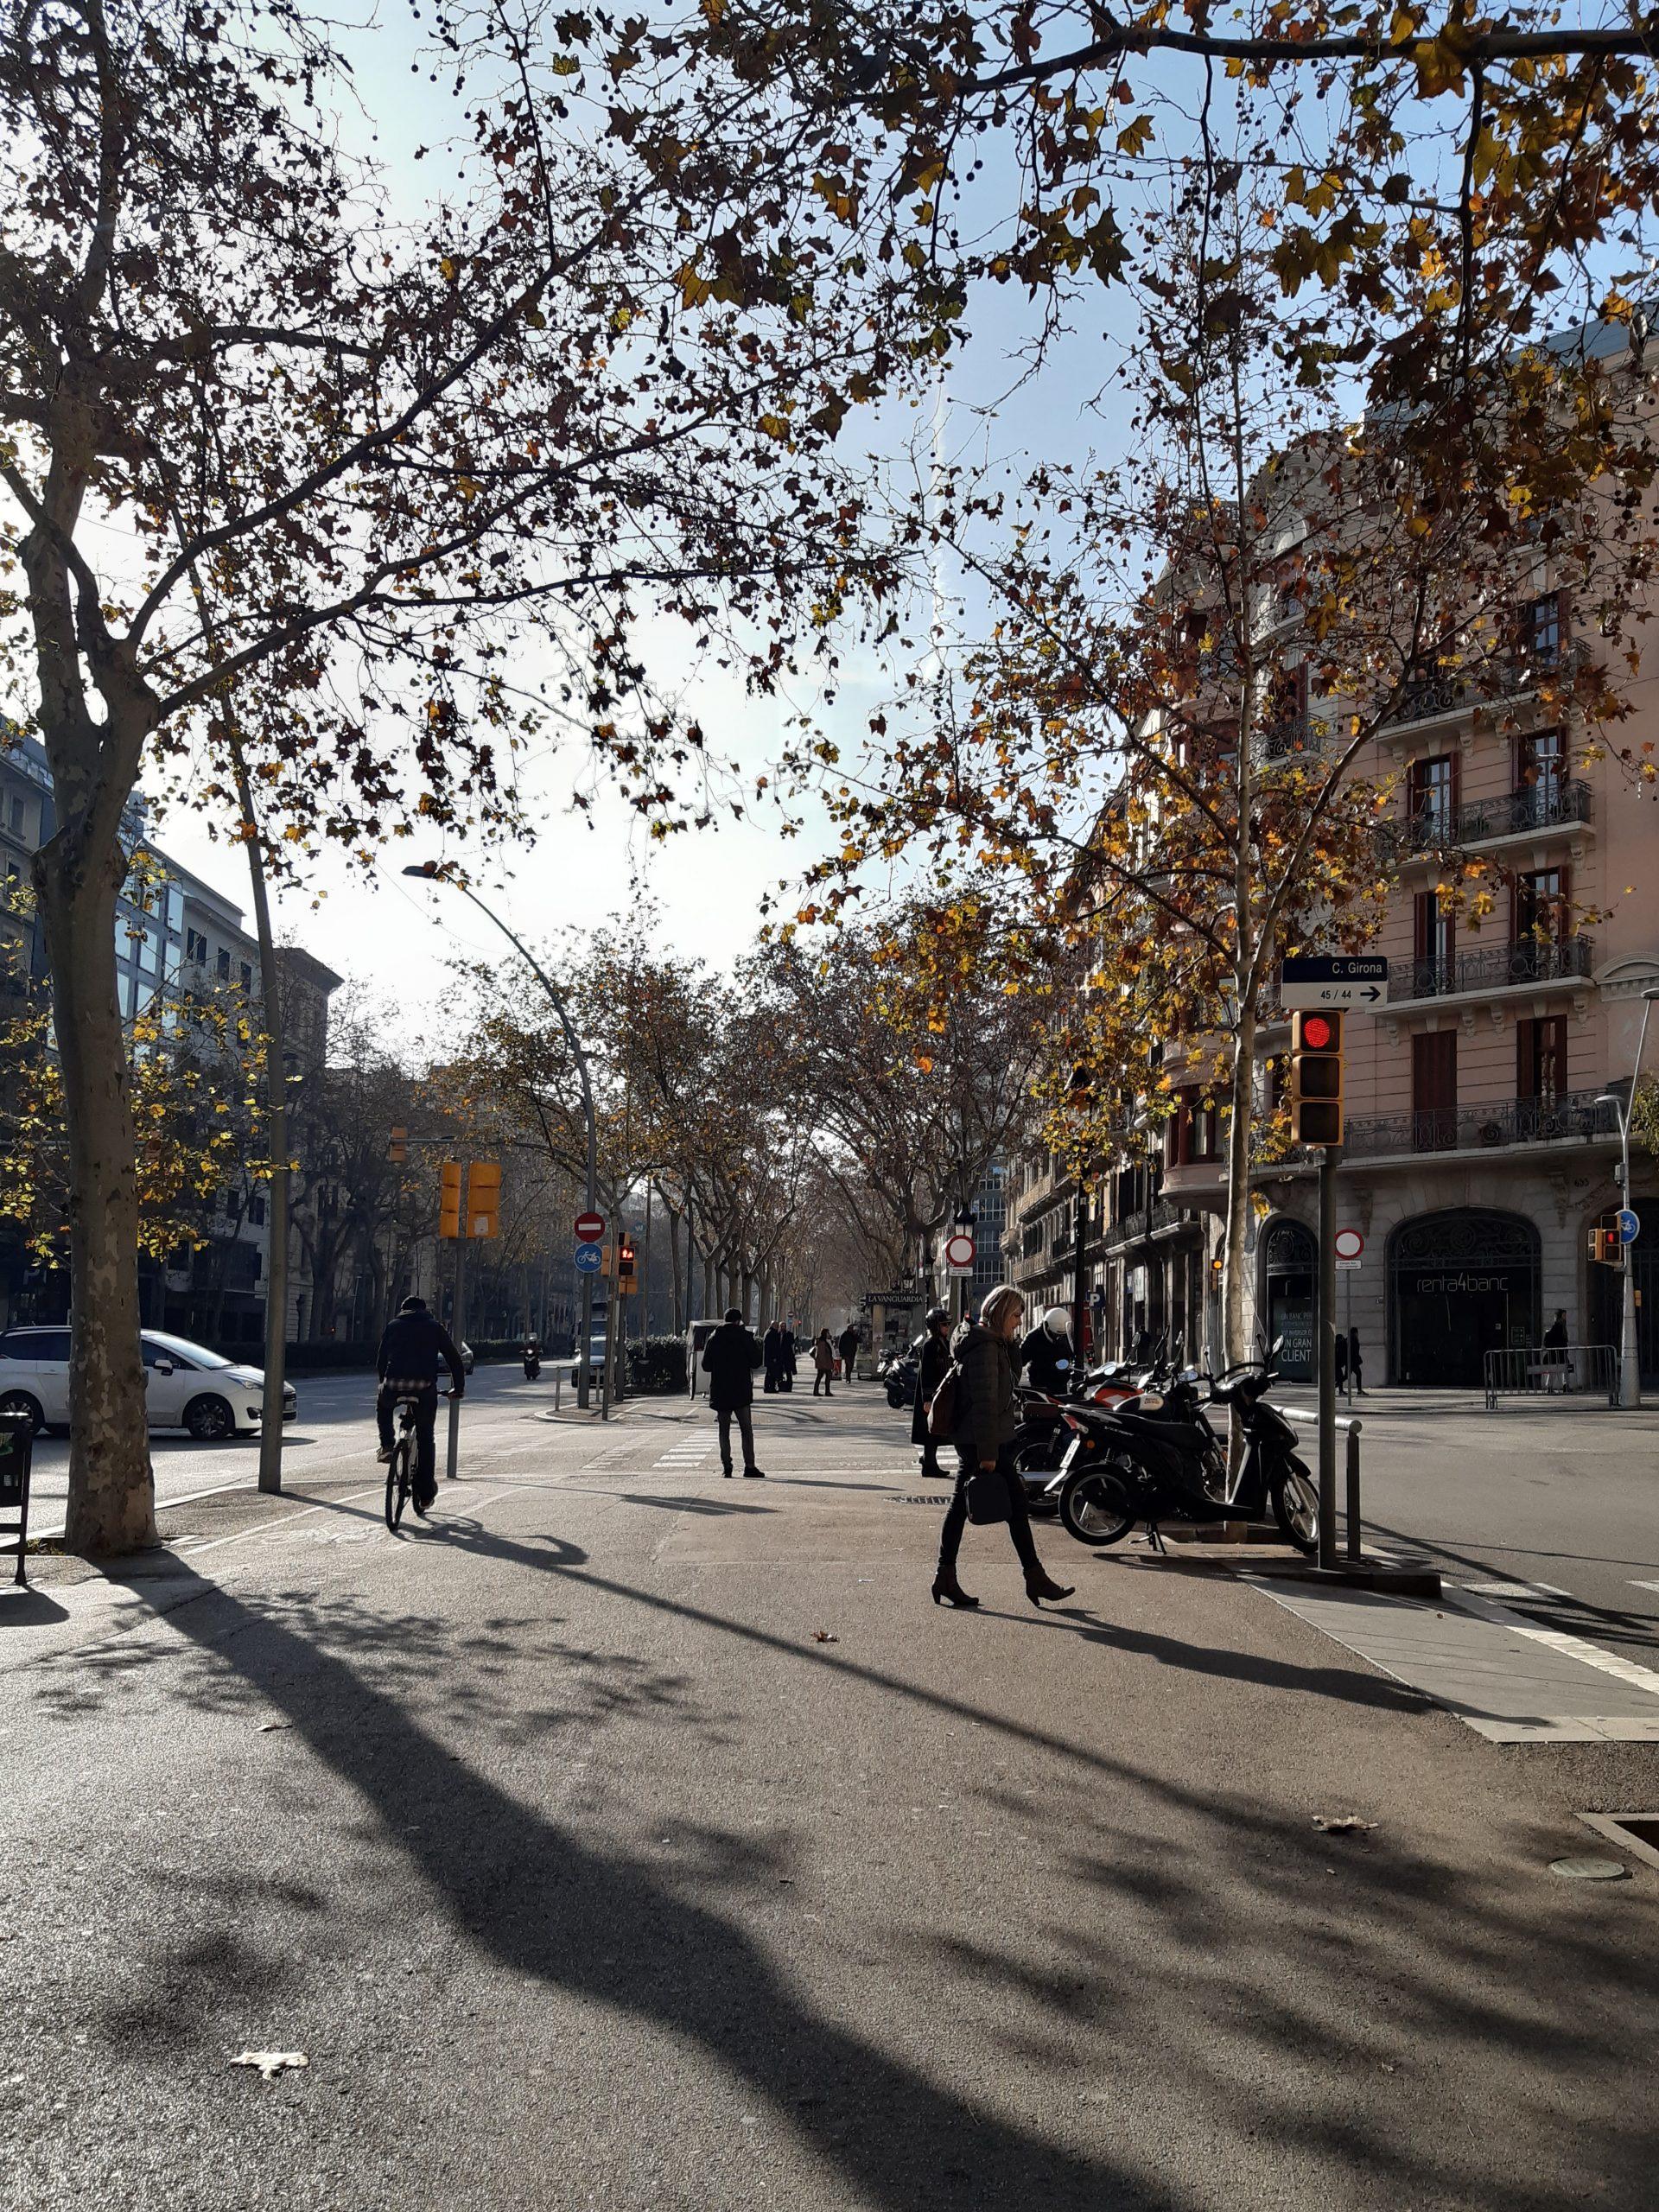 Pessoas Caminhando Em Avenida De Barcelona, Avenida Larga Com Pedestres E Ciclistas